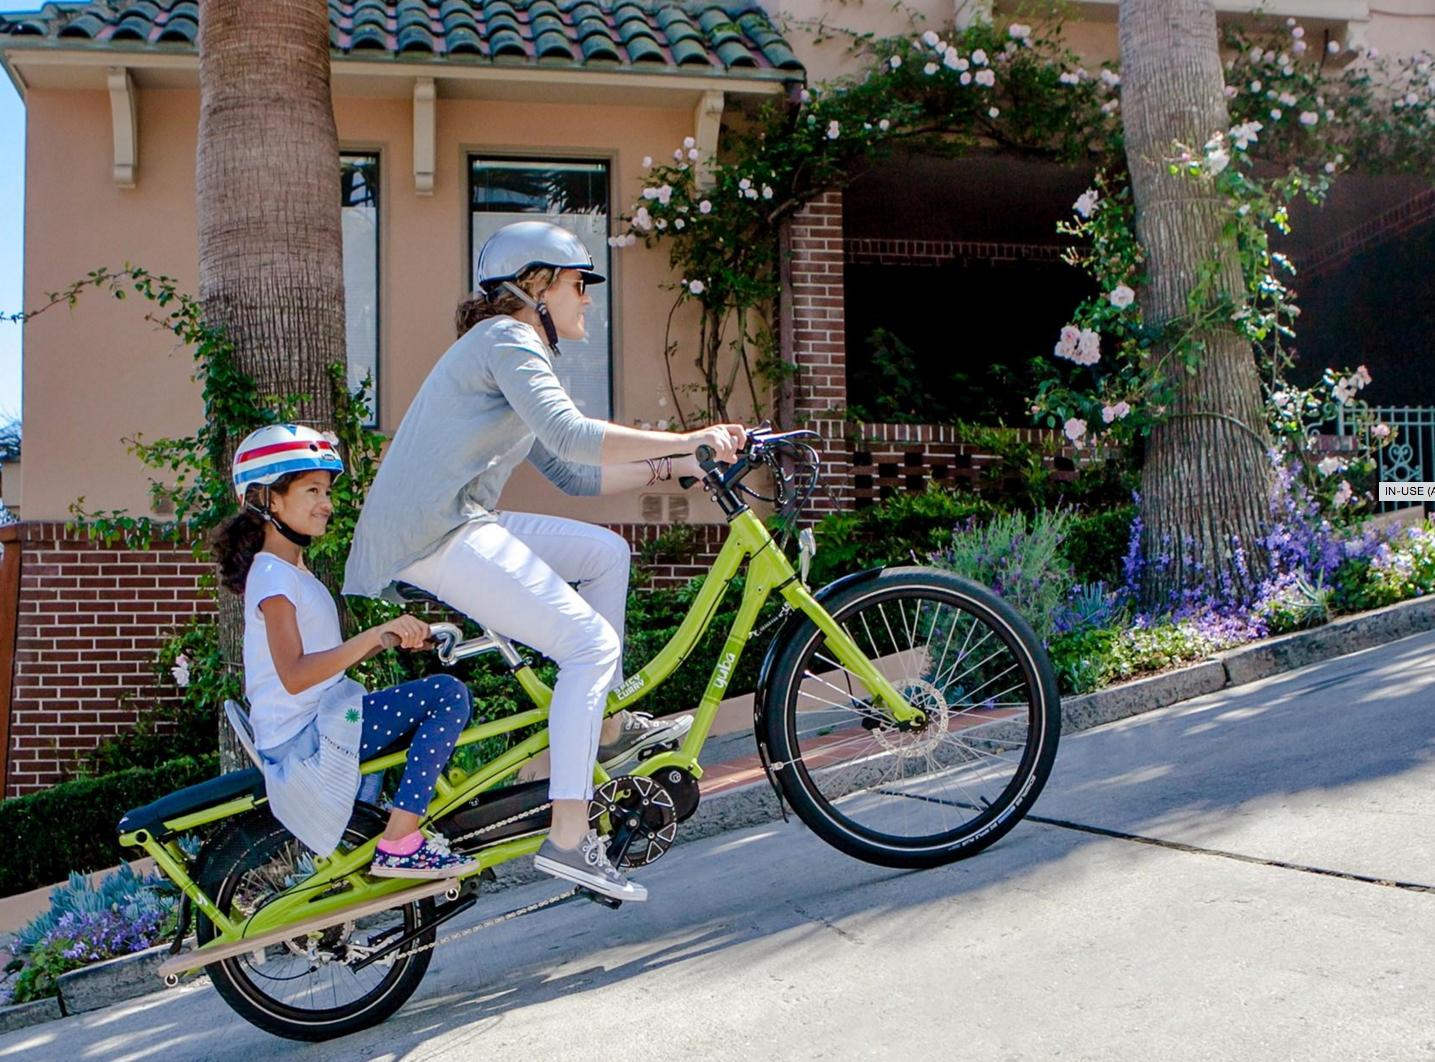 Family Bikes The 9 Best Cargo Bikes For Hauling Kids Cargo Bike